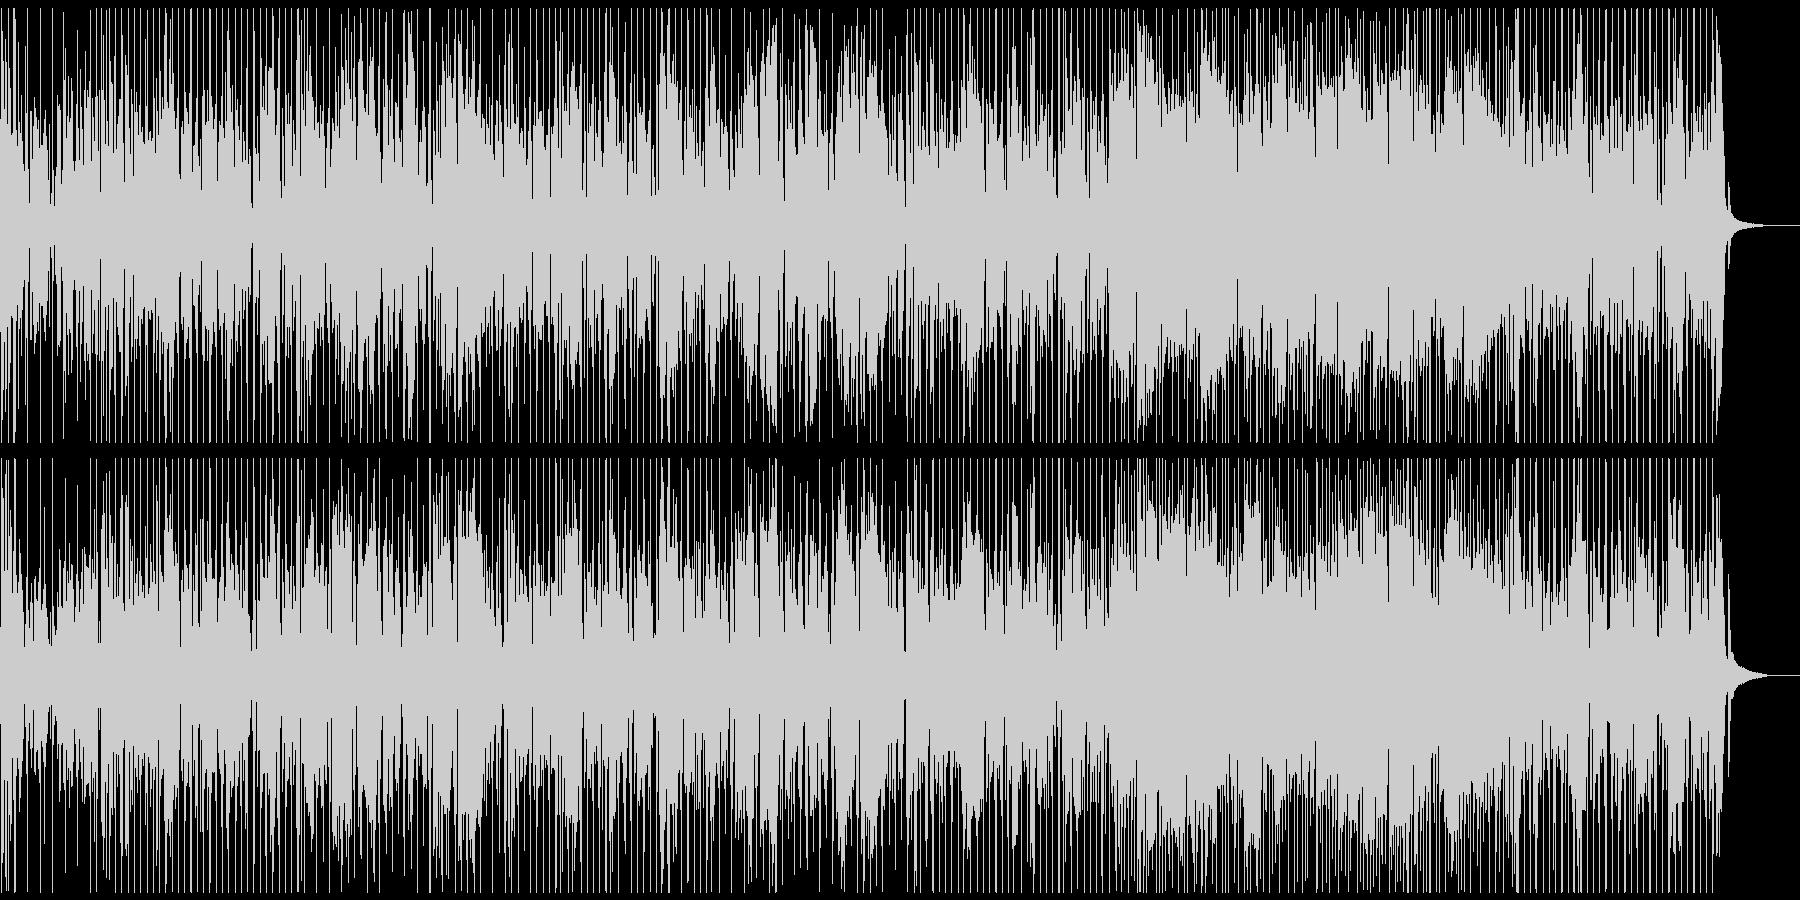 ベースのリフが特徴的でシンプルなファンクの未再生の波形